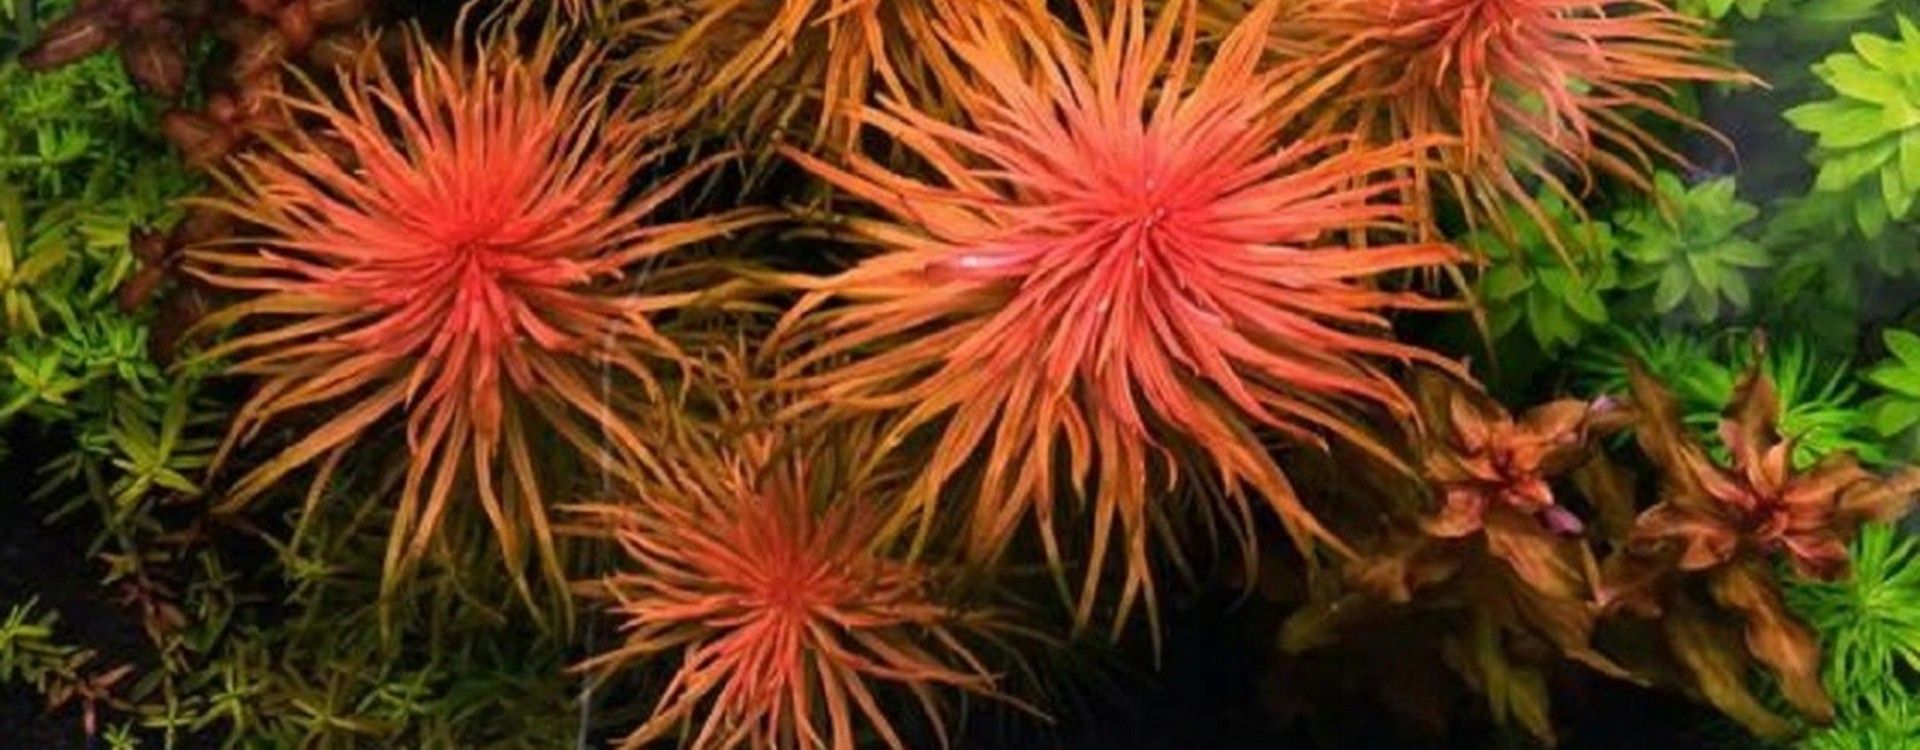 Przewodnik roślin akwariowych – Rośliny z rodzaju Ludwigia